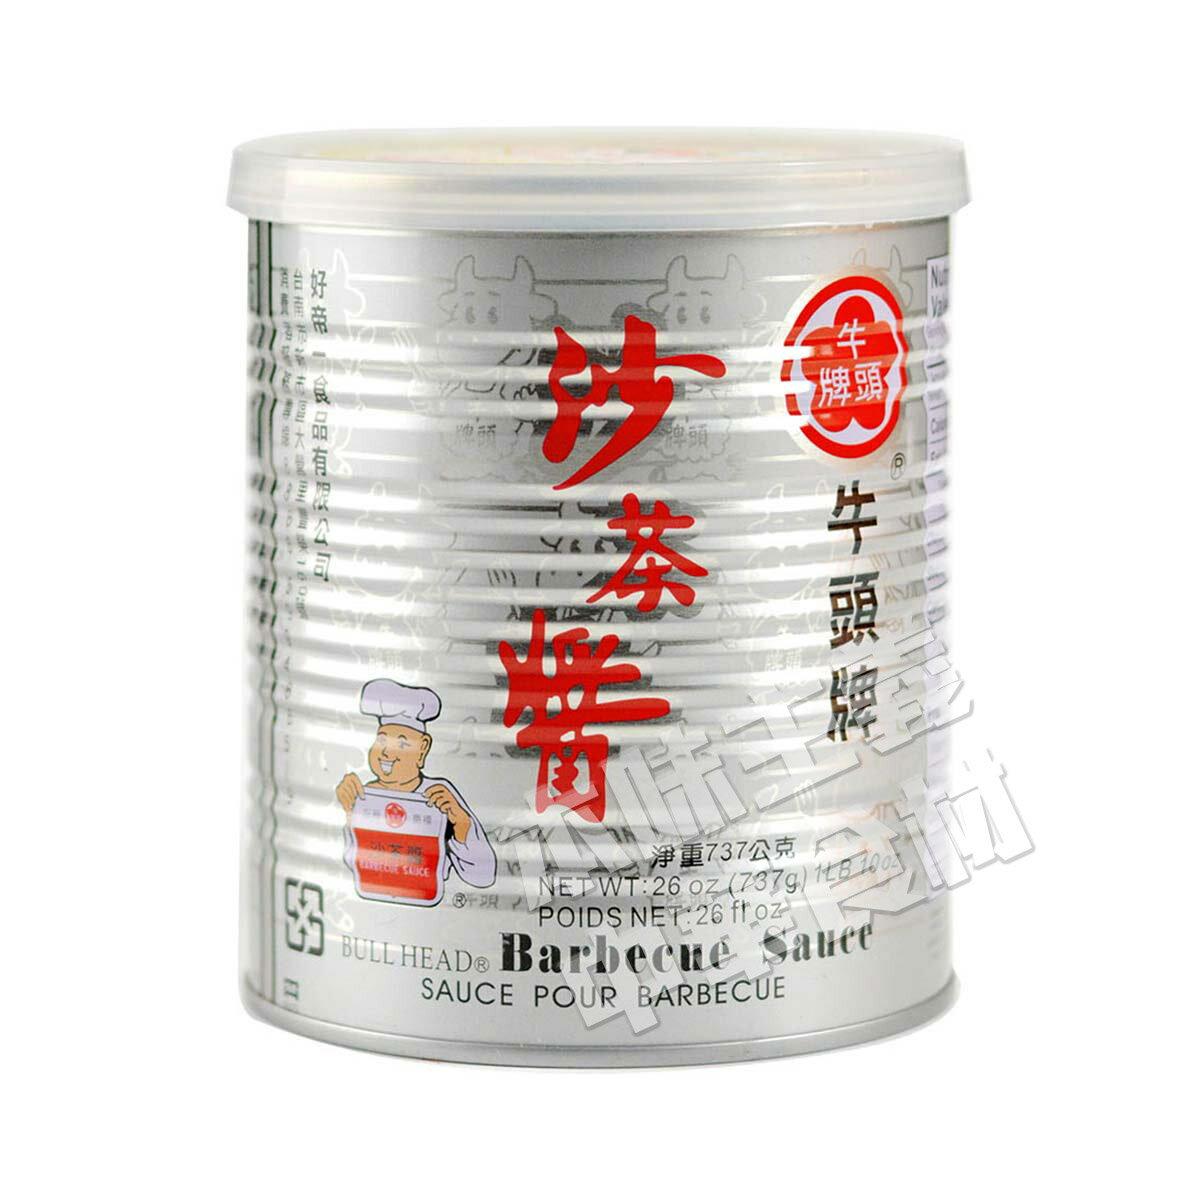 牛頭牌沙茶醤(サーチャージャン) 中華料理人気商品・中華食材調味料・台湾名物